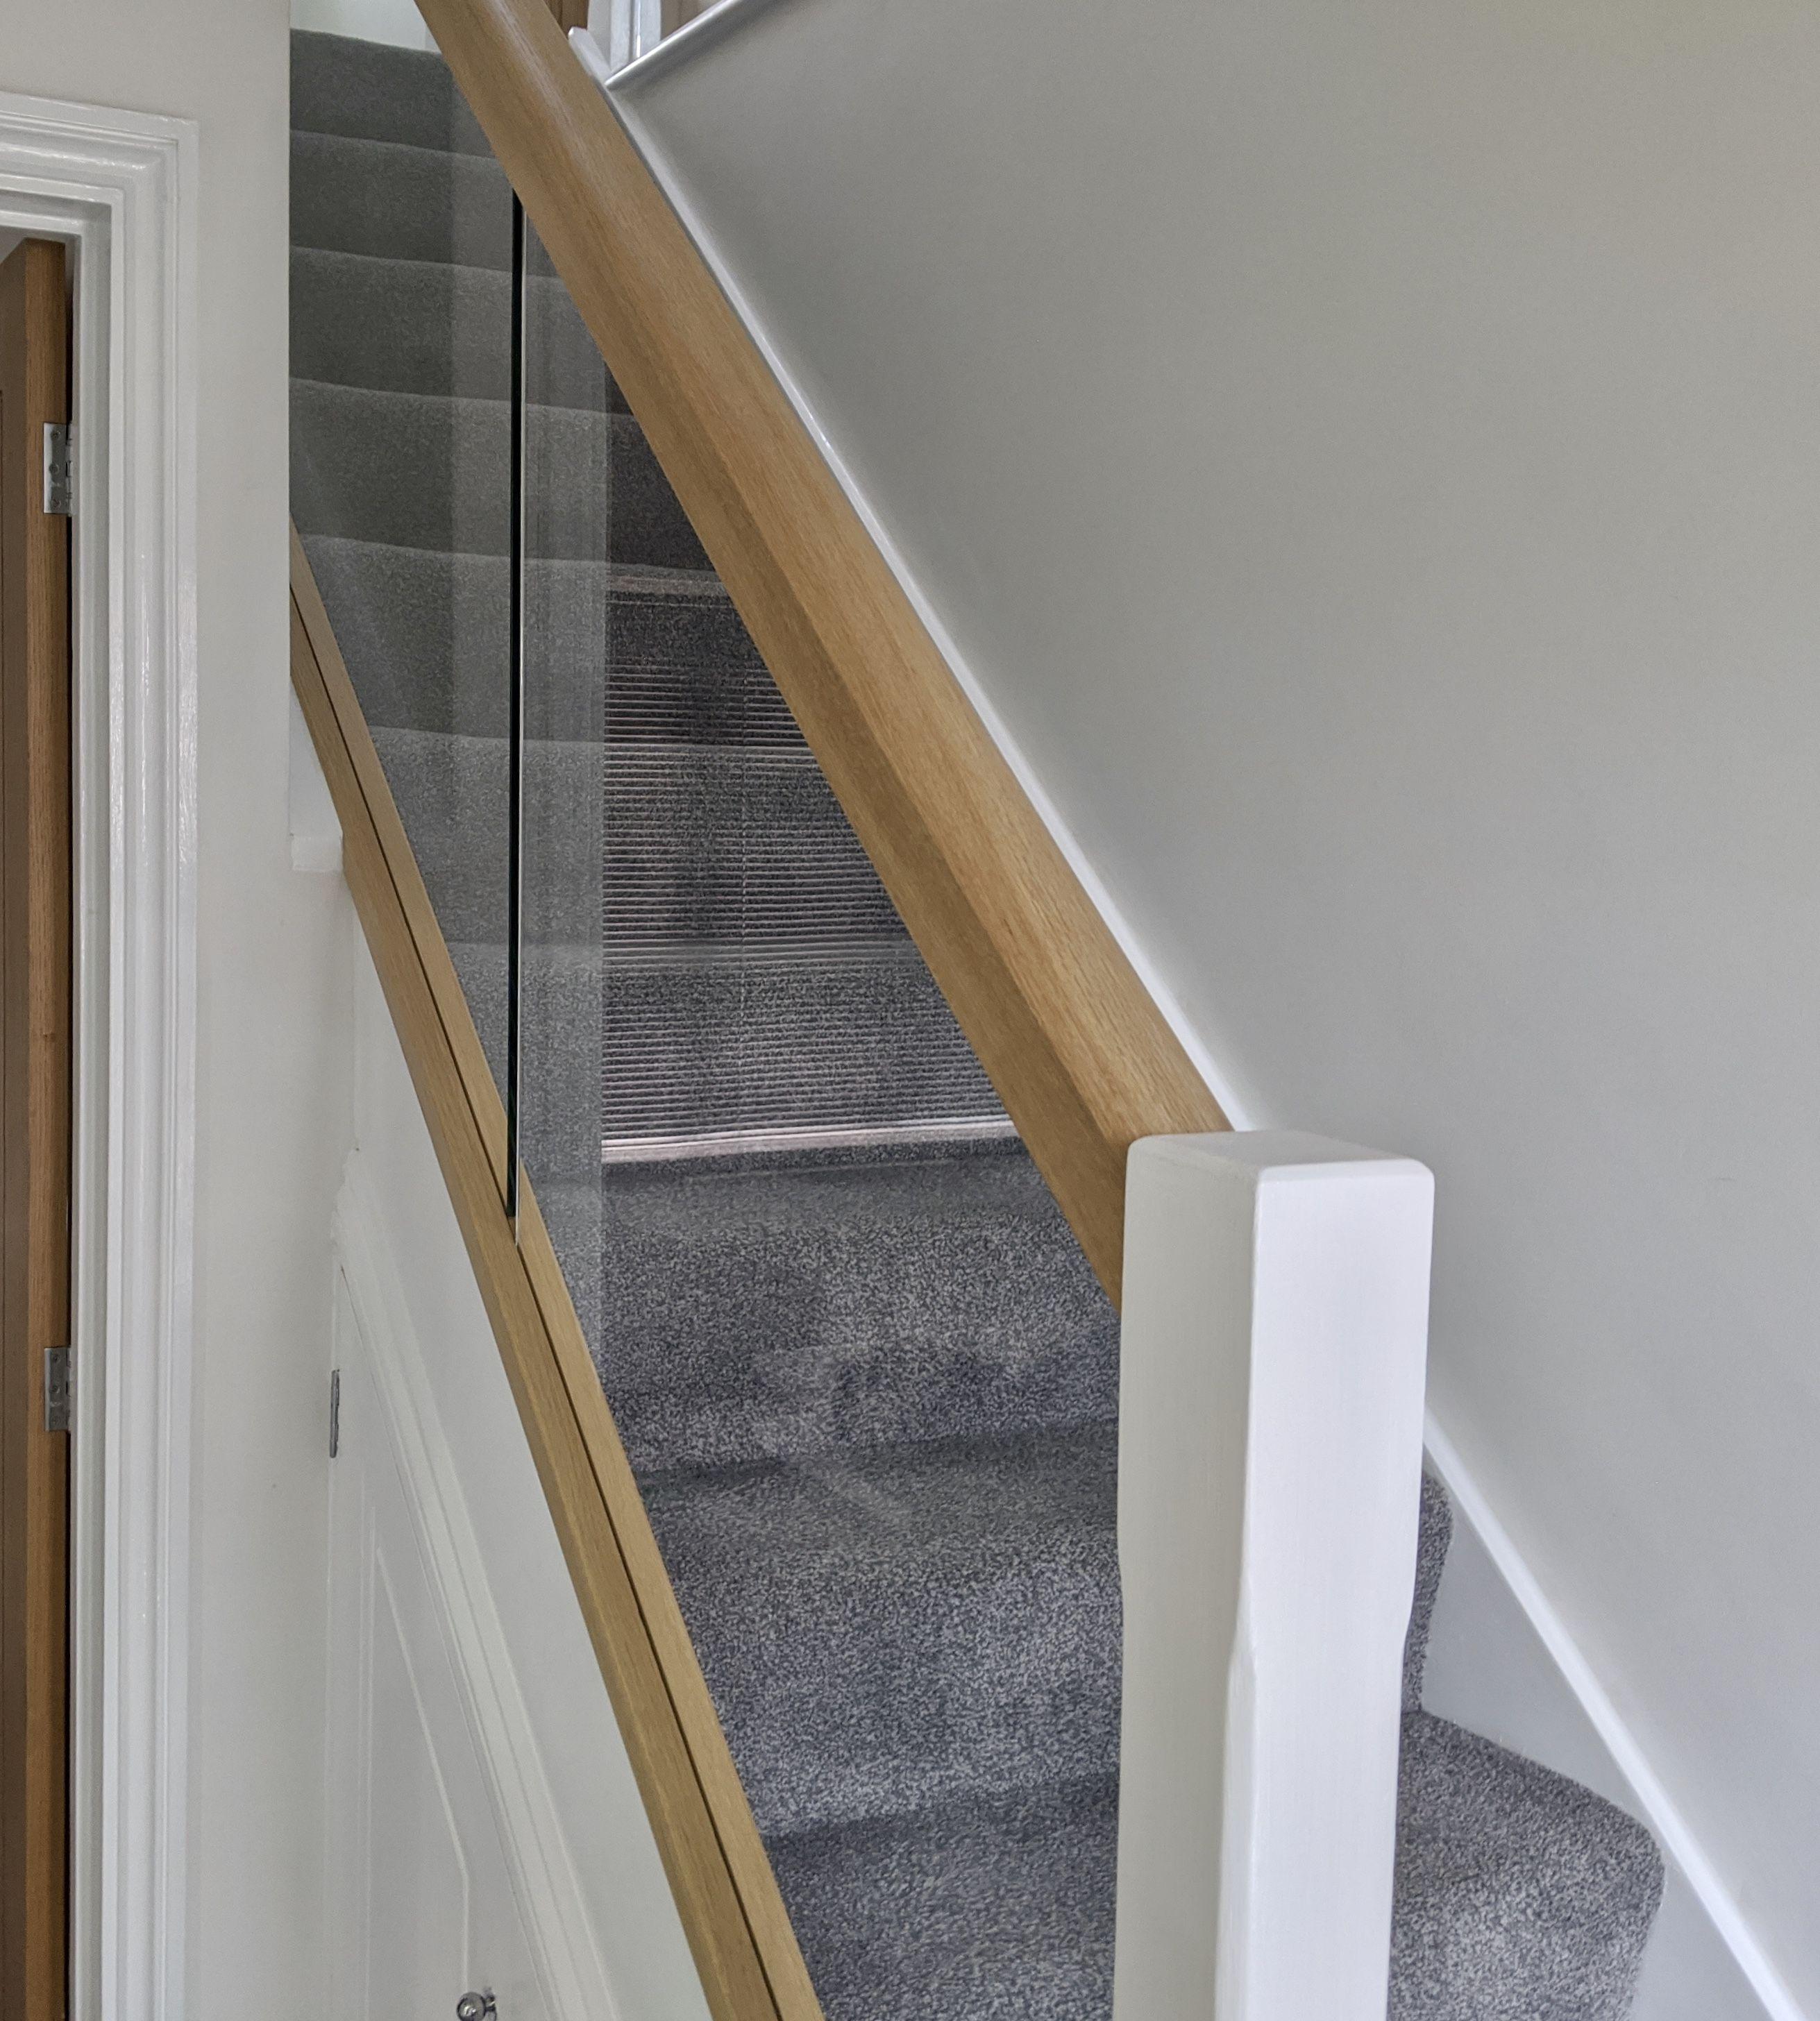 Glass Staircase Balustrade Kit: Glass Balustrade, Diy Glass, Glass Staircase